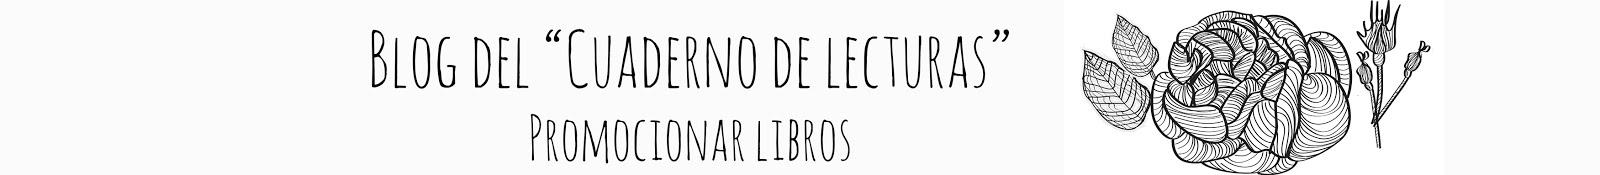 Promocionar libros